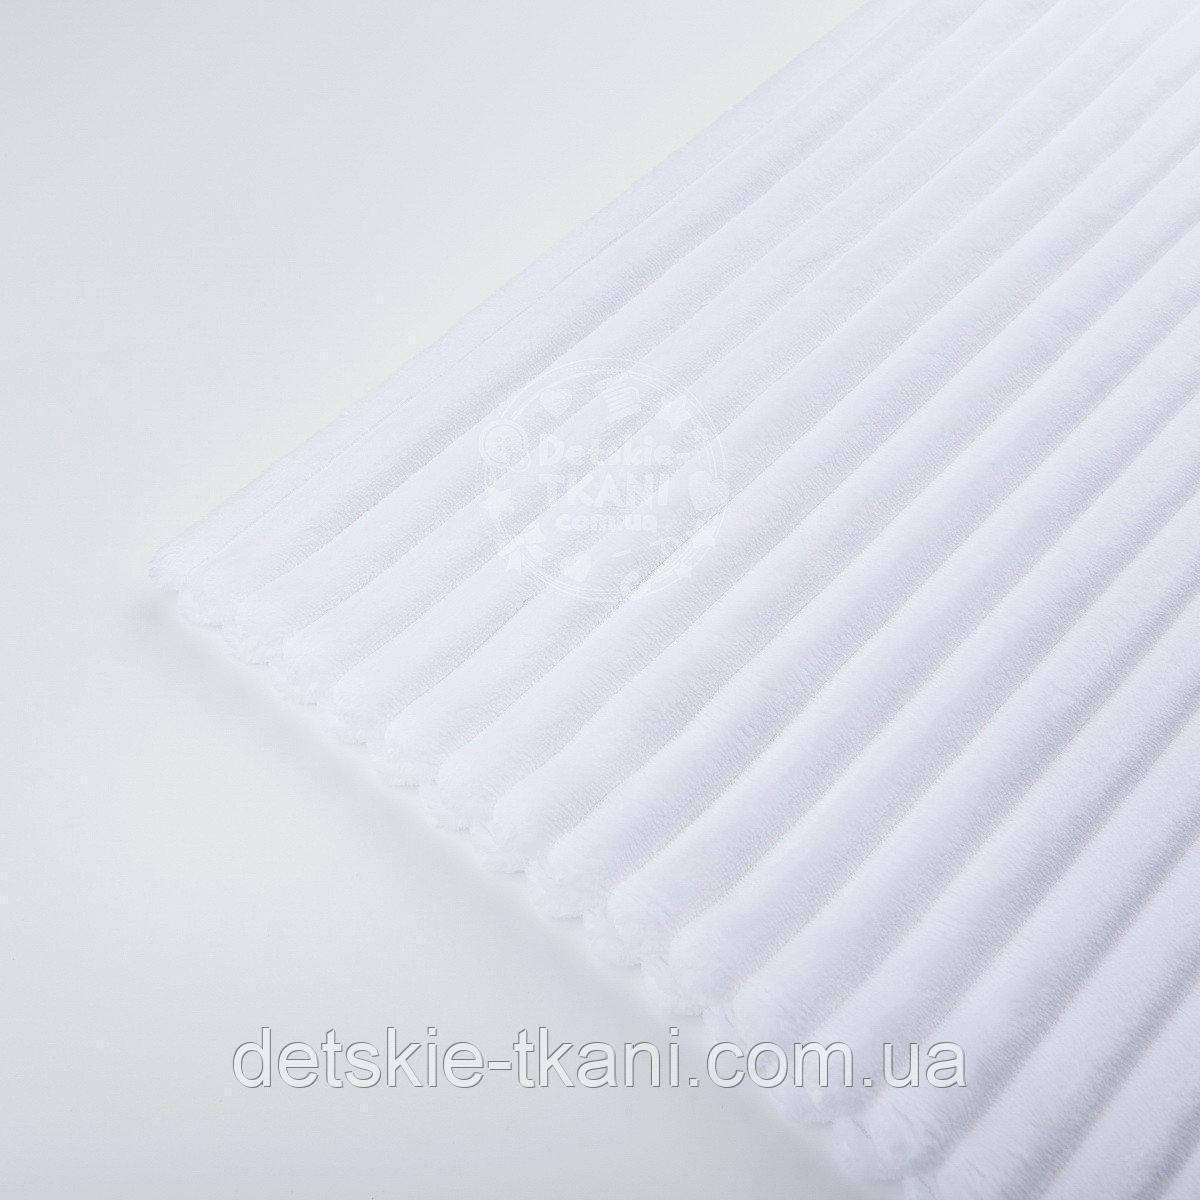 Два лоскута  плюша в полоску Stripes, цвет белый, с оттенком айвори, размер 35*60, 40*50 см (есть загрязнение)